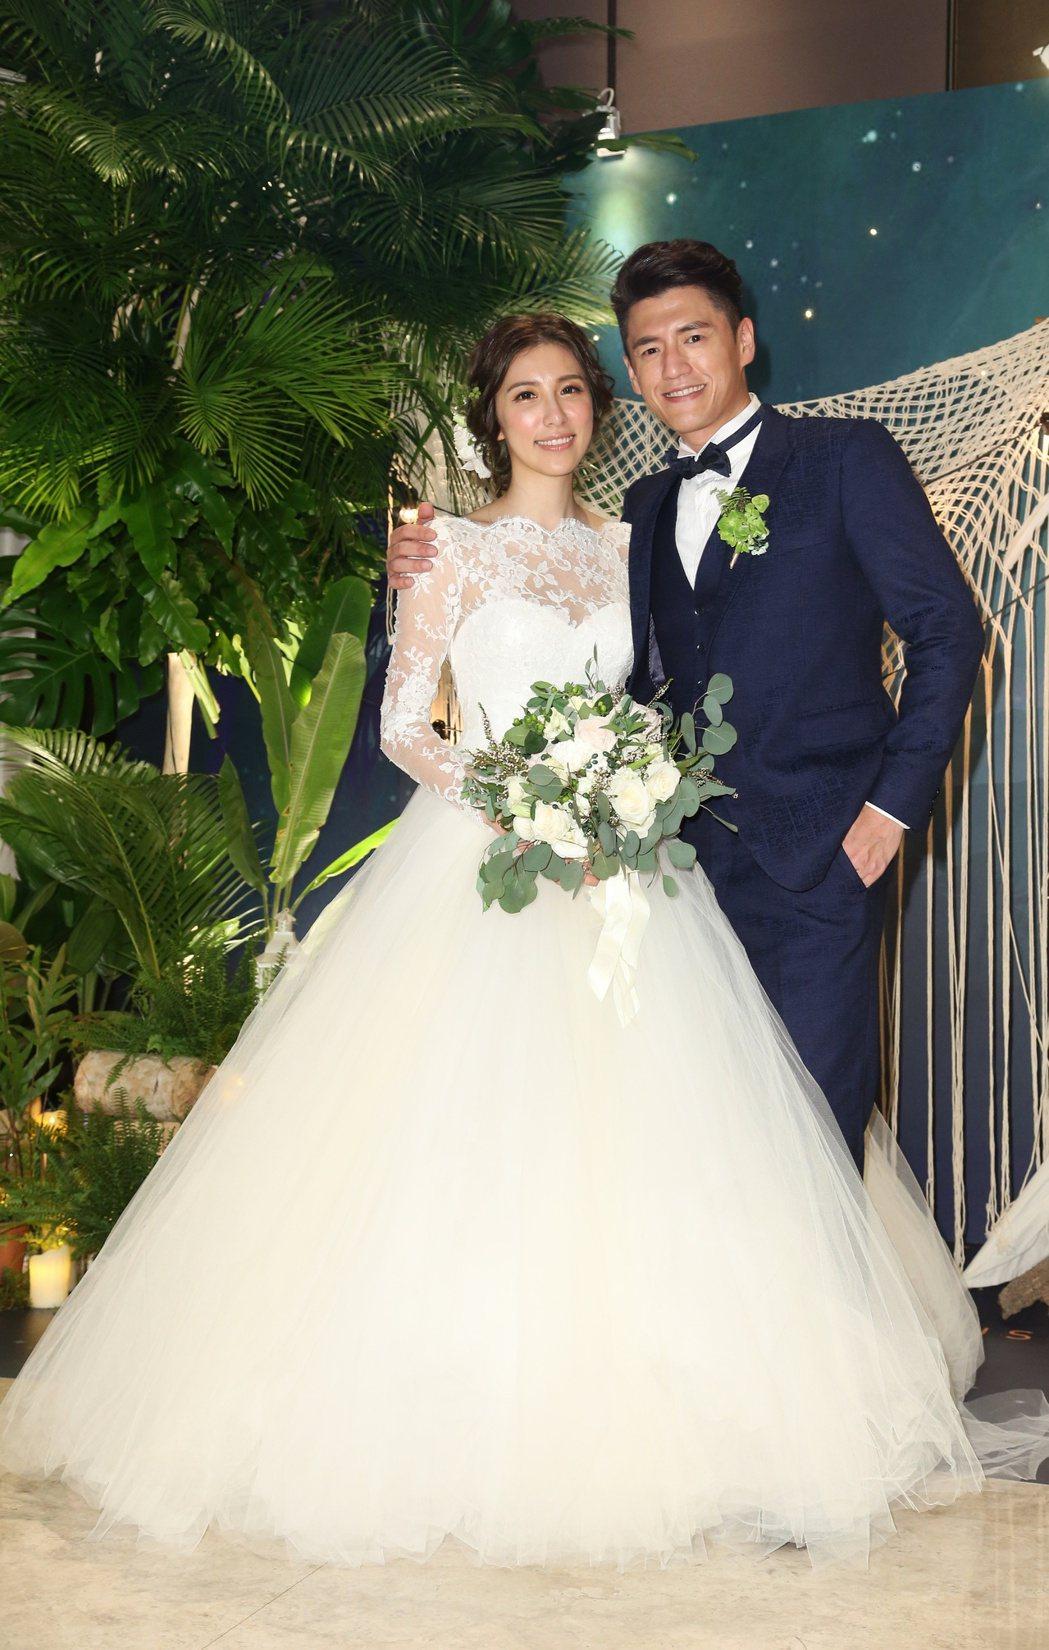 阿布周詠訓(右)與Michelle(左)舉辦婚宴,圈內好友祝賀。記者陳立凱/攝影